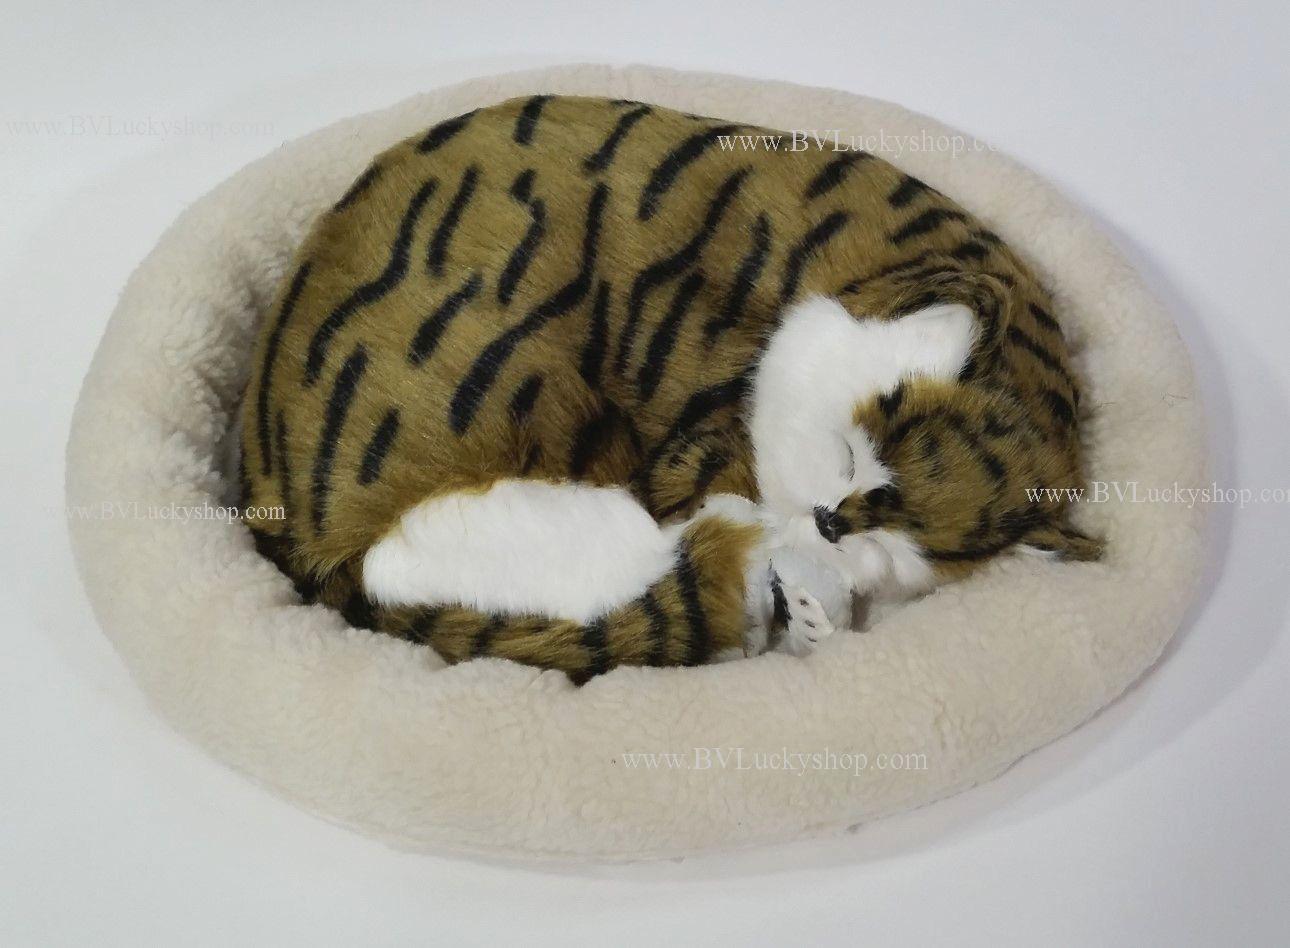 ตุ๊กตาแมว นอนหลับ หายใจได้ (ใส่ถ่าน) สีน้ำตาลลายดำ